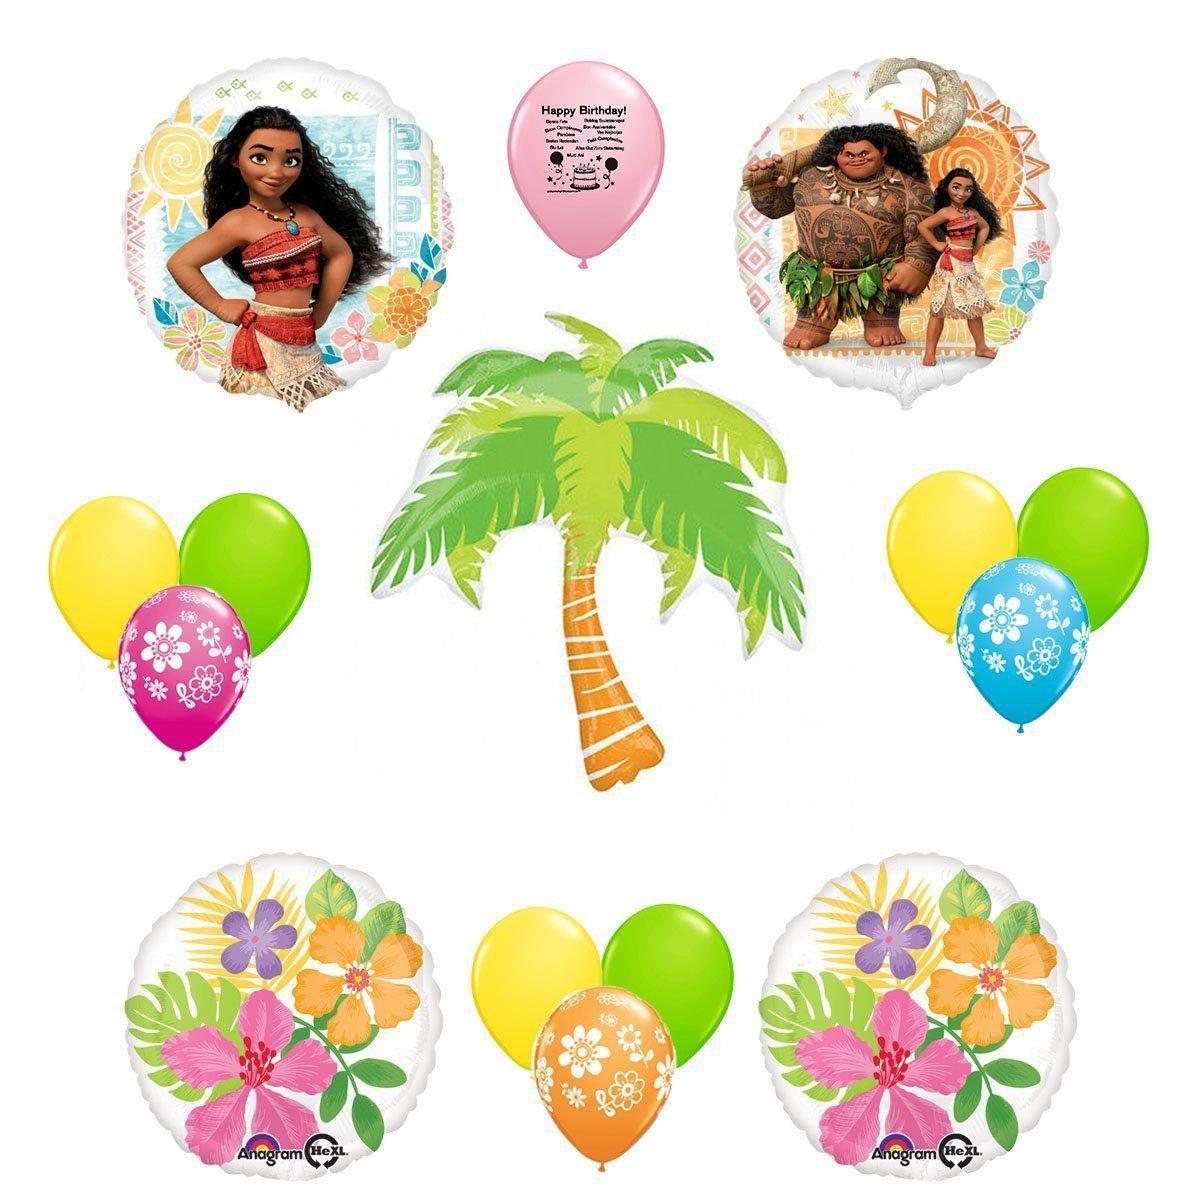 Disney Moana Balloon Decoration Kit - digital-invitations ...